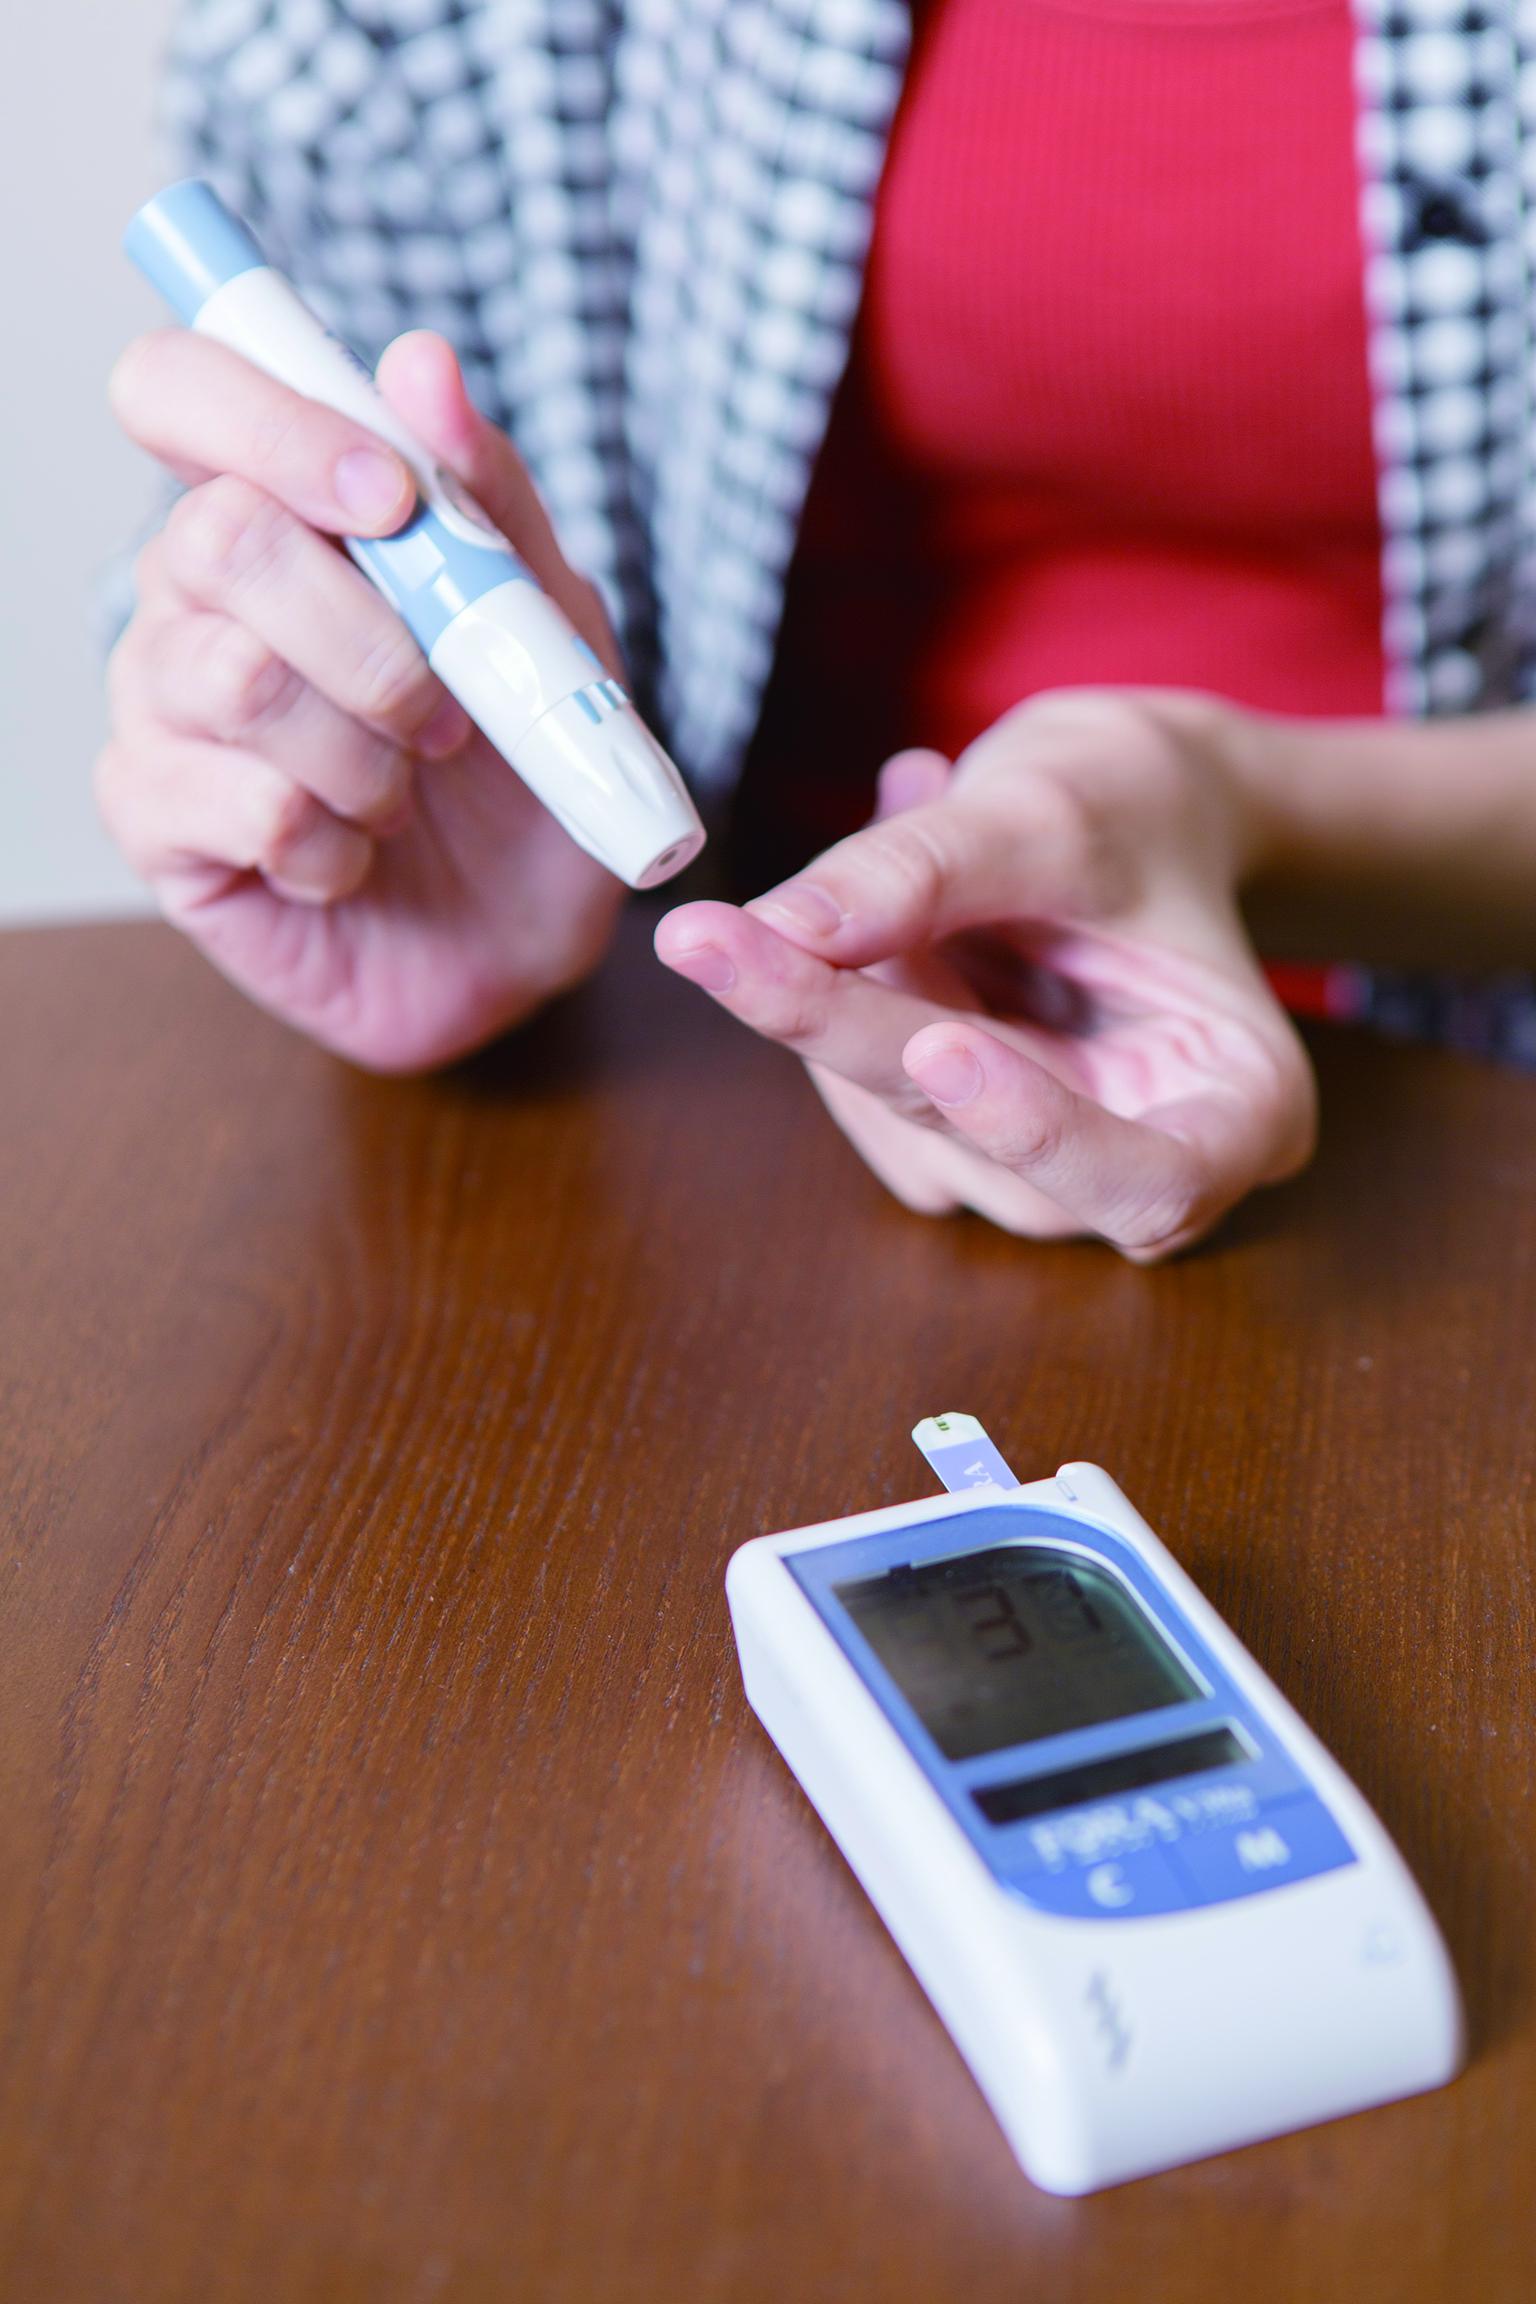 器 測定 血糖 自己